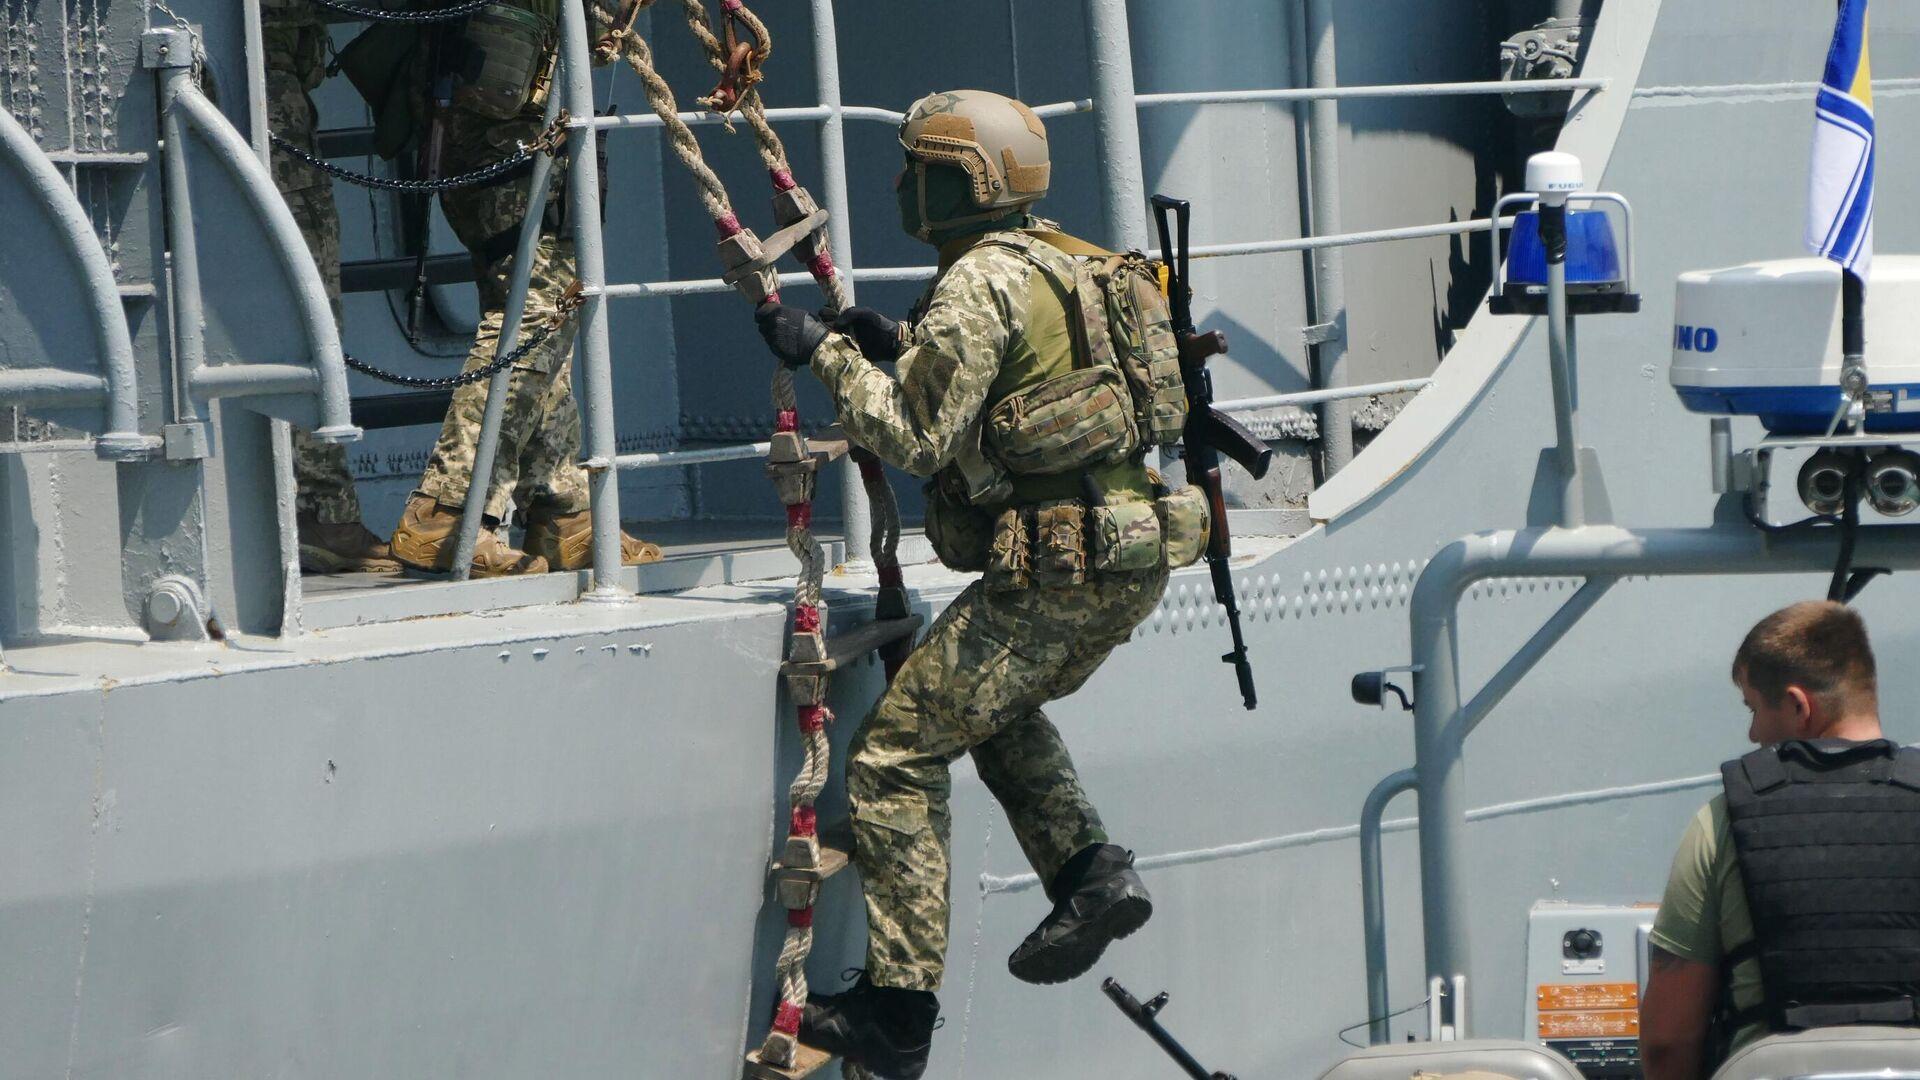 Военнослужащие отрабатывают действия против захвата кораблей в Черном море в рамках международных учений Sea Breeze - РИА Новости, 1920, 13.02.2021